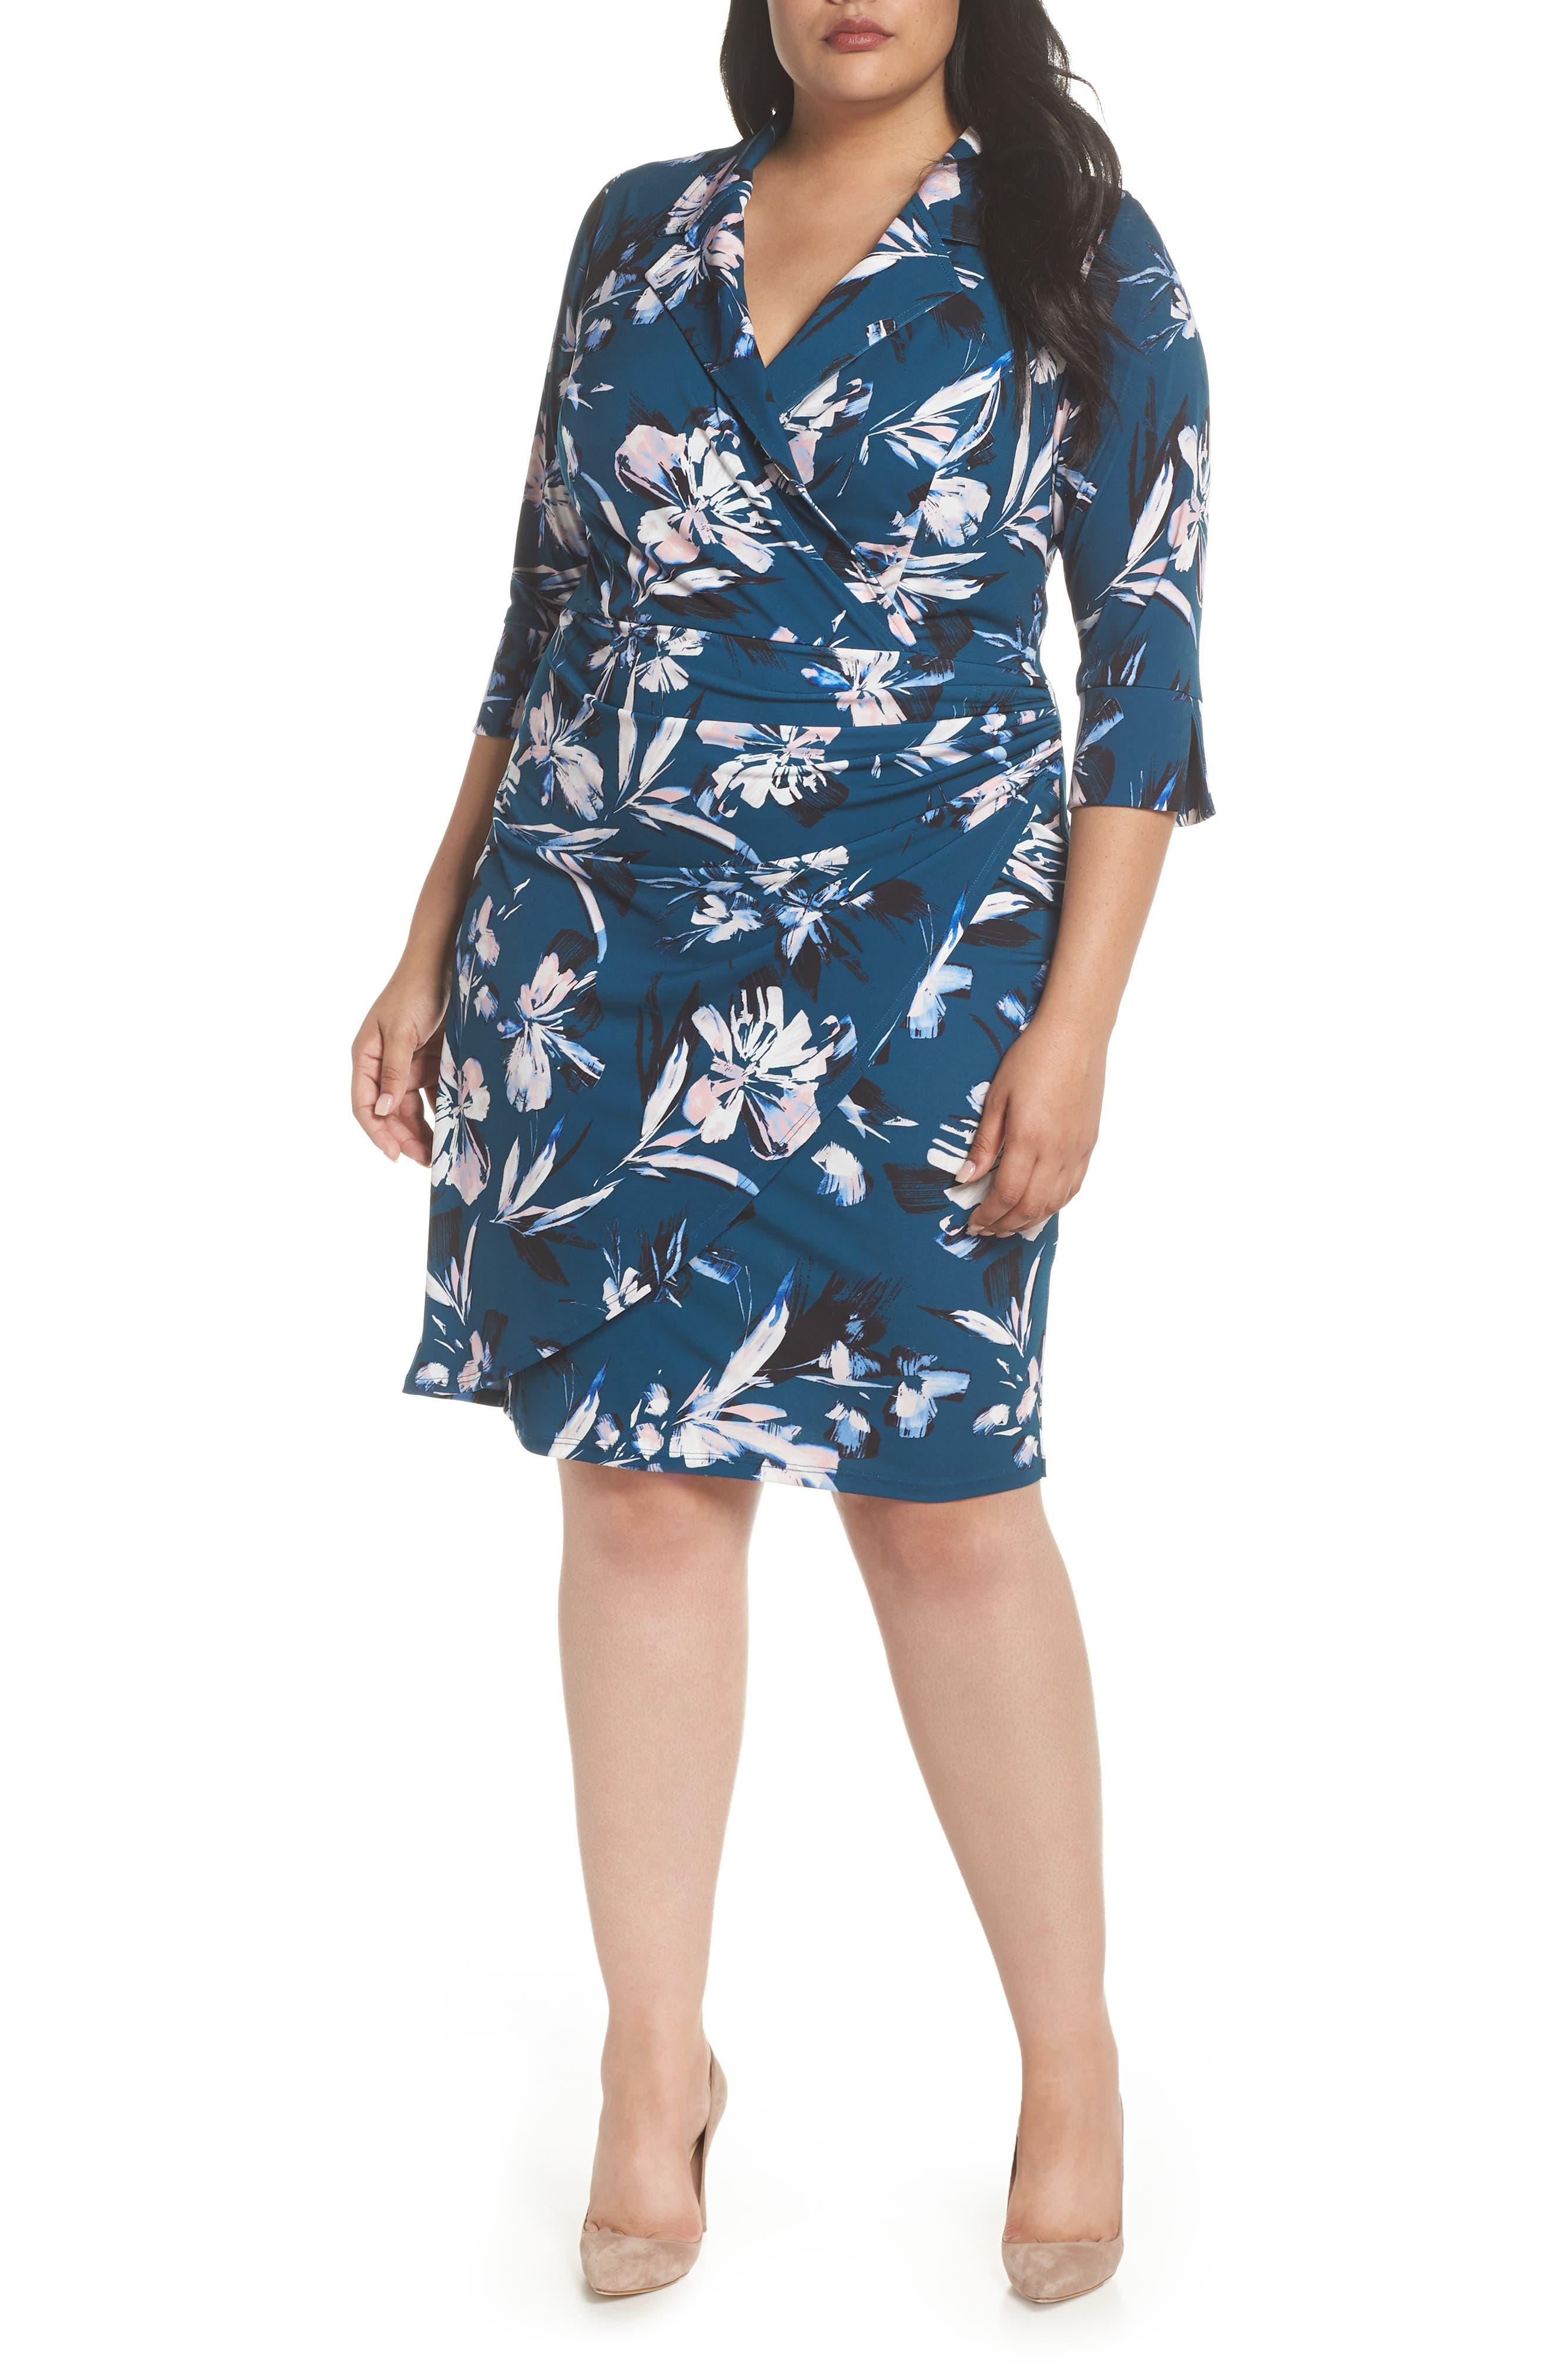 f67b7958c9f8 Shirtdress Plus-Size Dresses